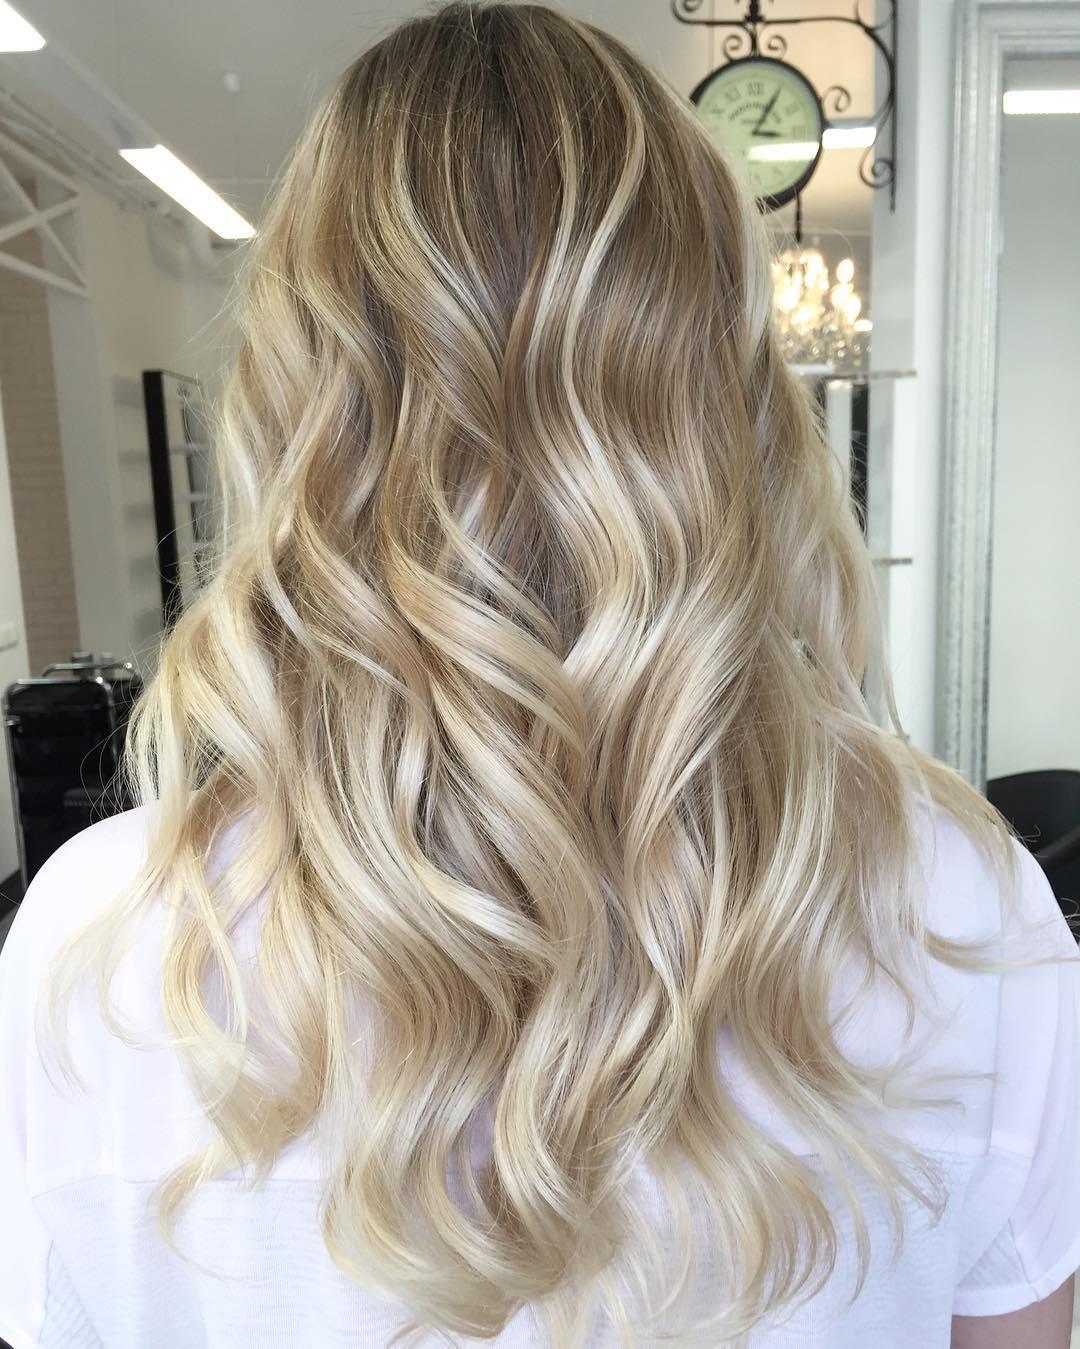 Эта техника придает легкость и сияние волосам. Она заключается в чередовании темных и светлых прядей